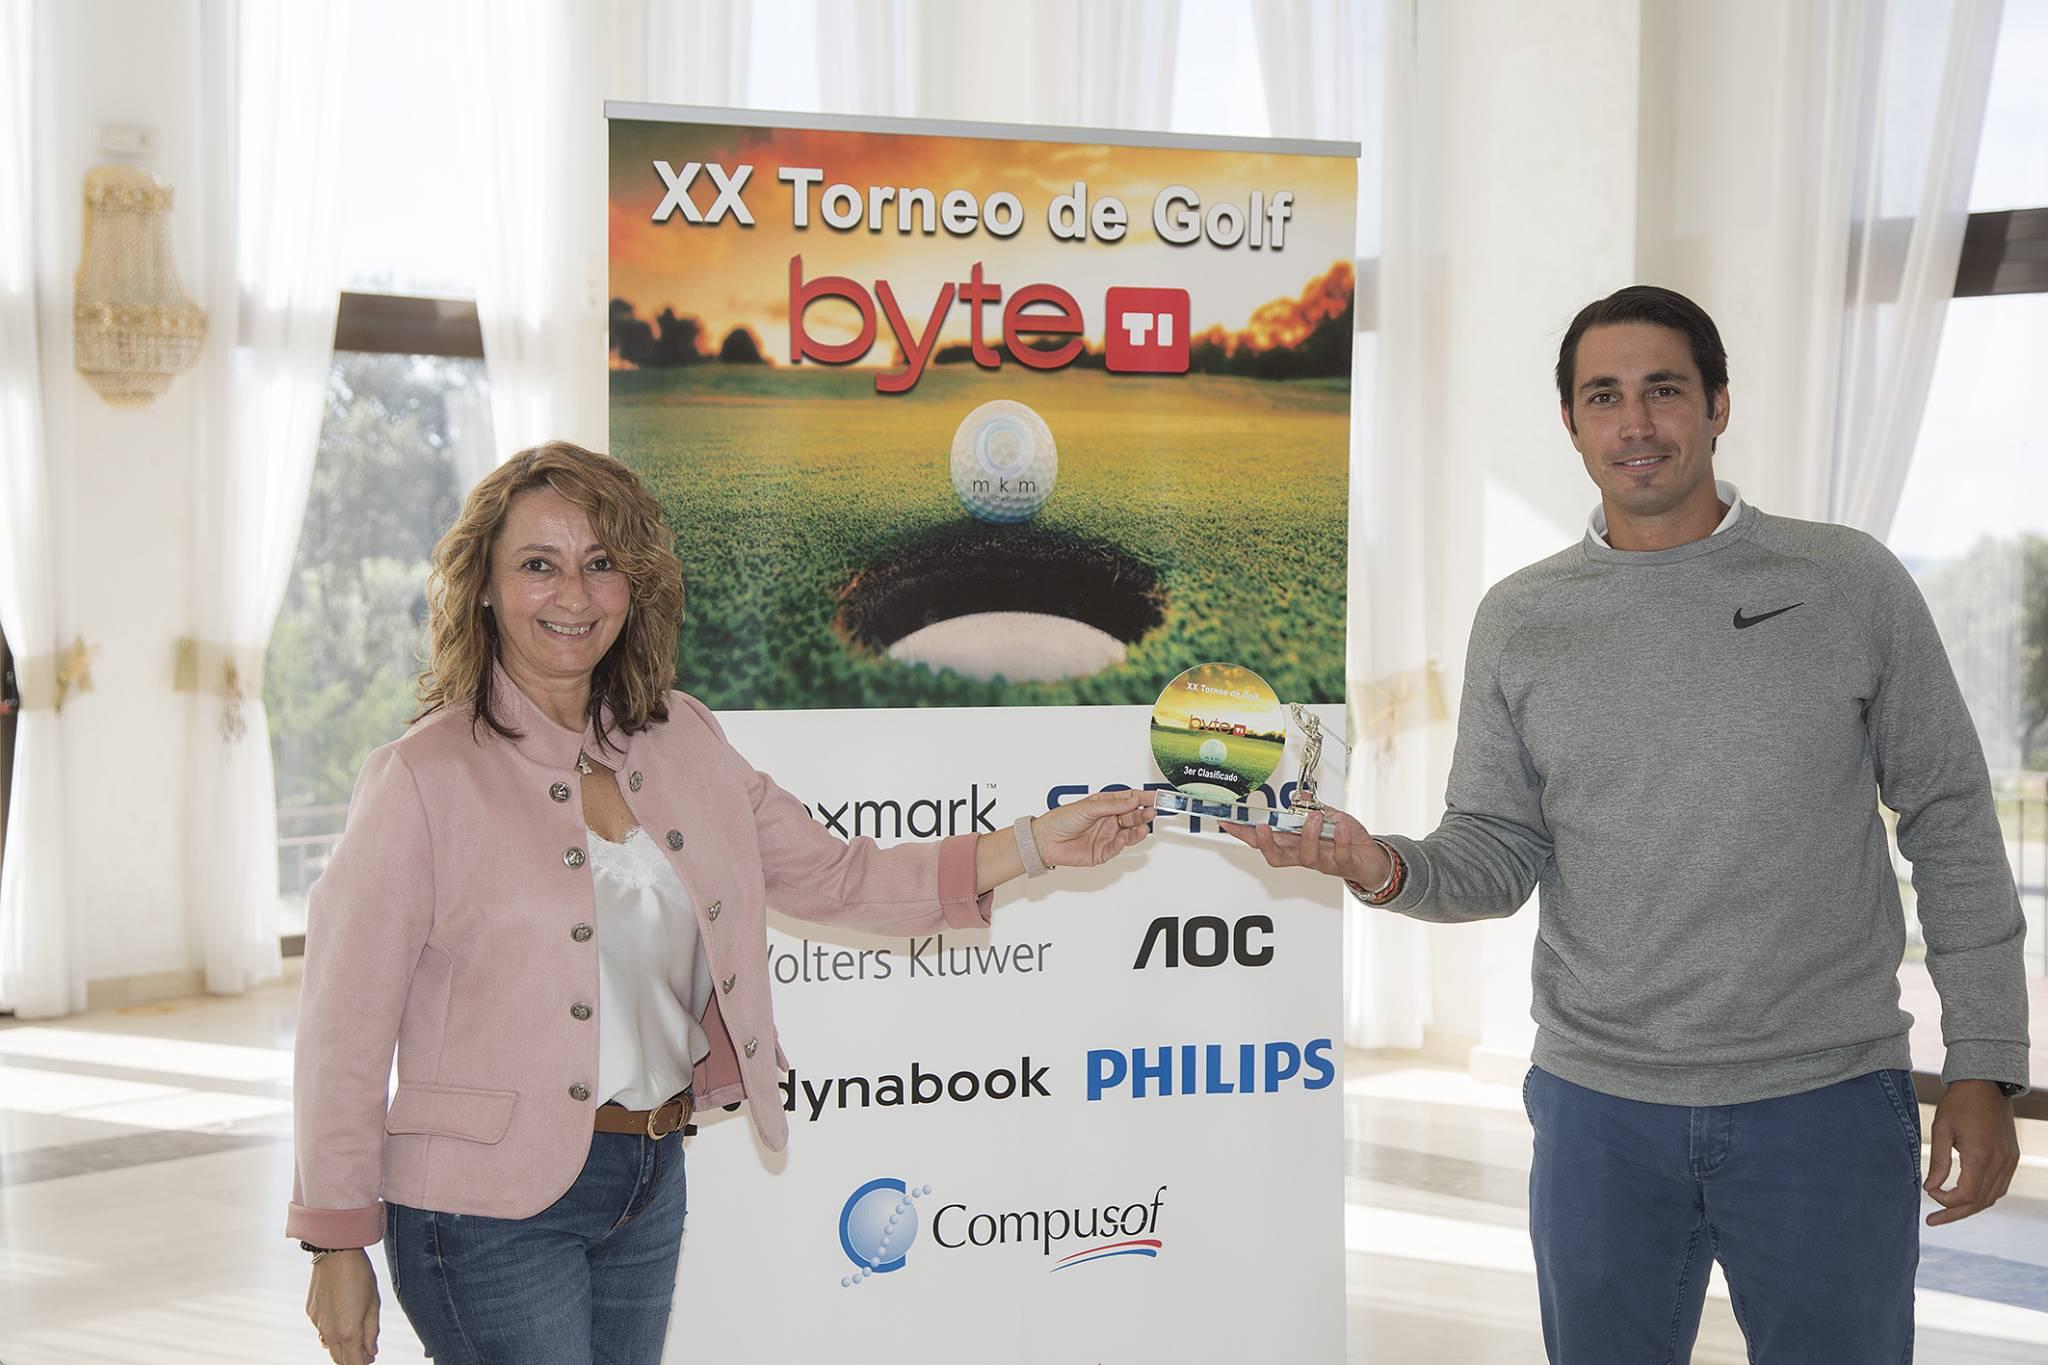 Carlos Galache, Business Account Manager de Epson  fue el  3º clasificado del XX Torneo de Golf Byte TI. Entregó el premio Isabel Gallego, directora de publicidad de Byte TI.